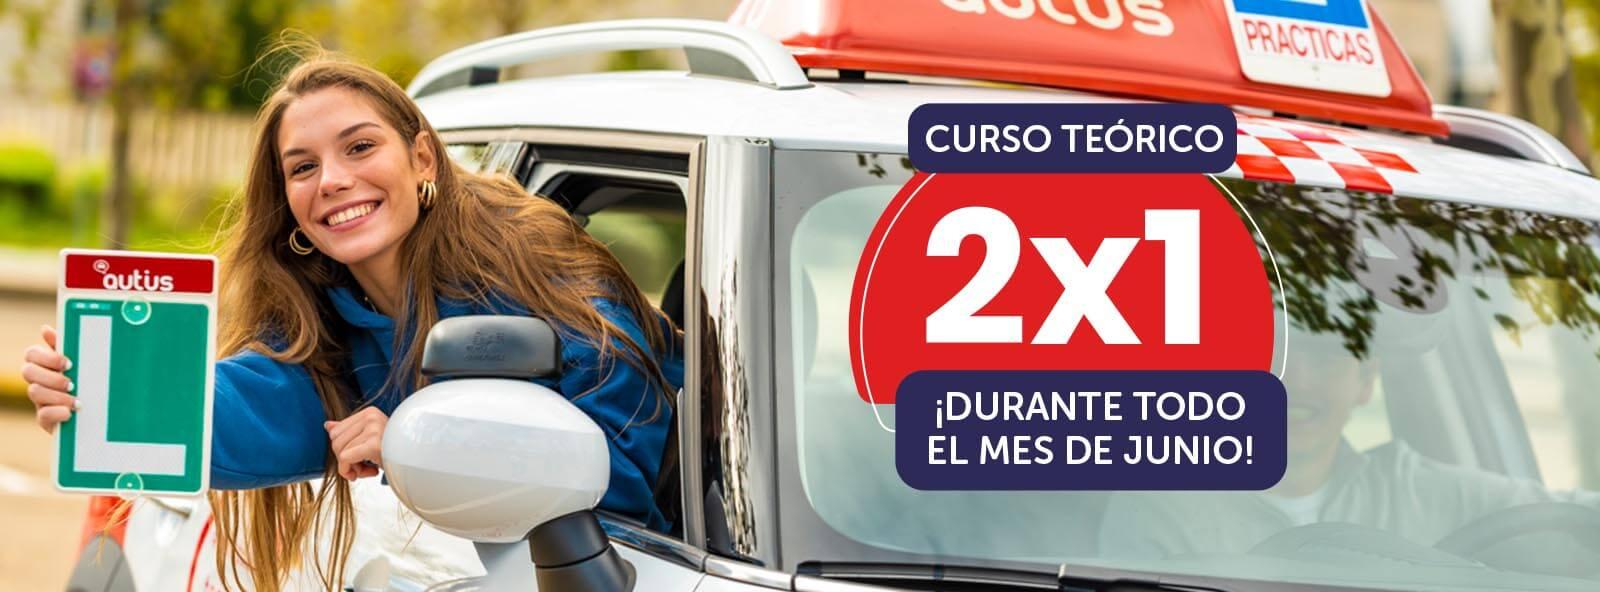 encabezado promocion 2x1 autoescuela autius imagen opt